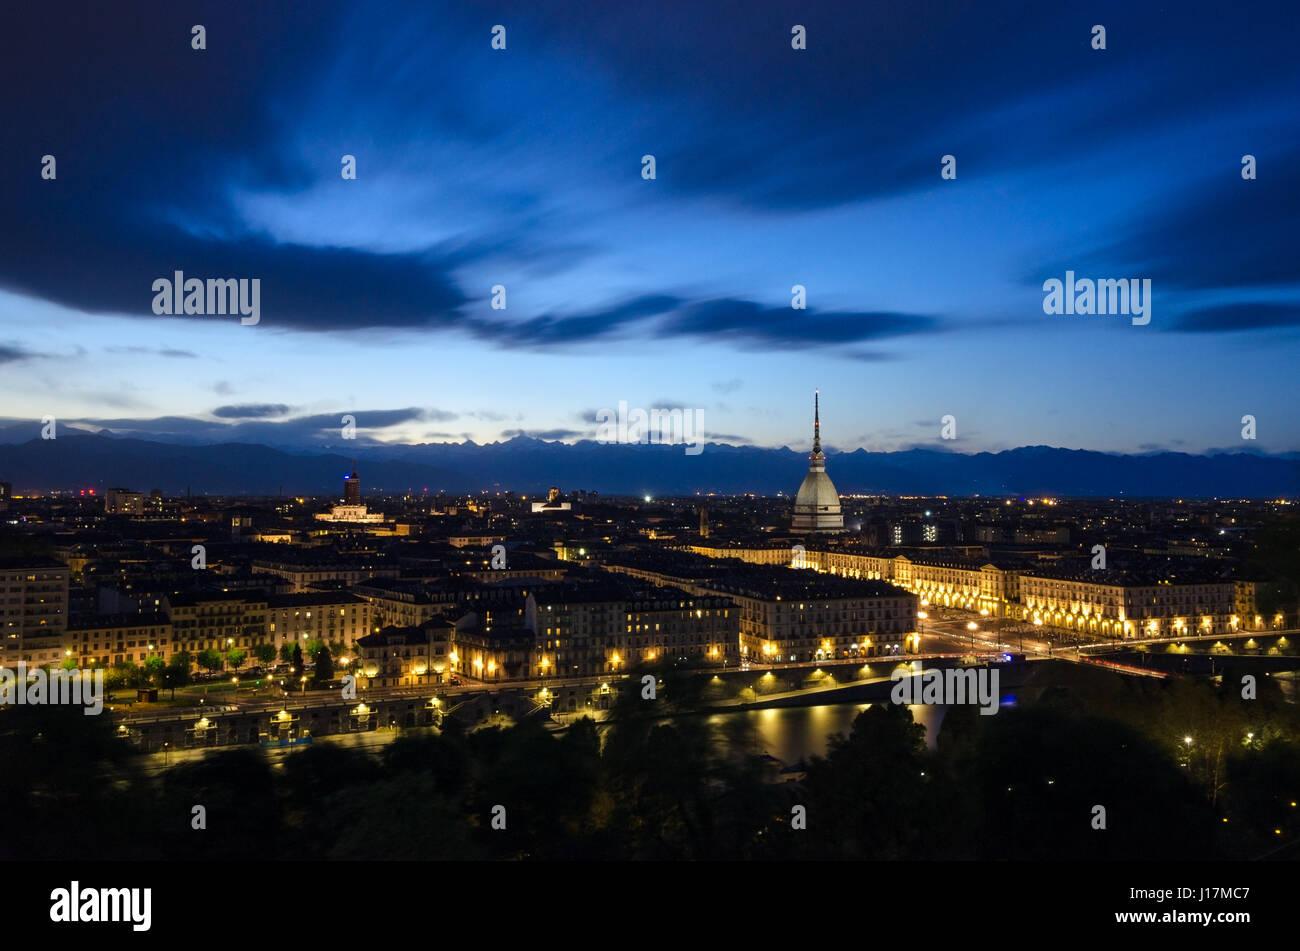 Panorama pittoresque de Turin avec Mole Antonelliana au crépuscule Banque D'Images